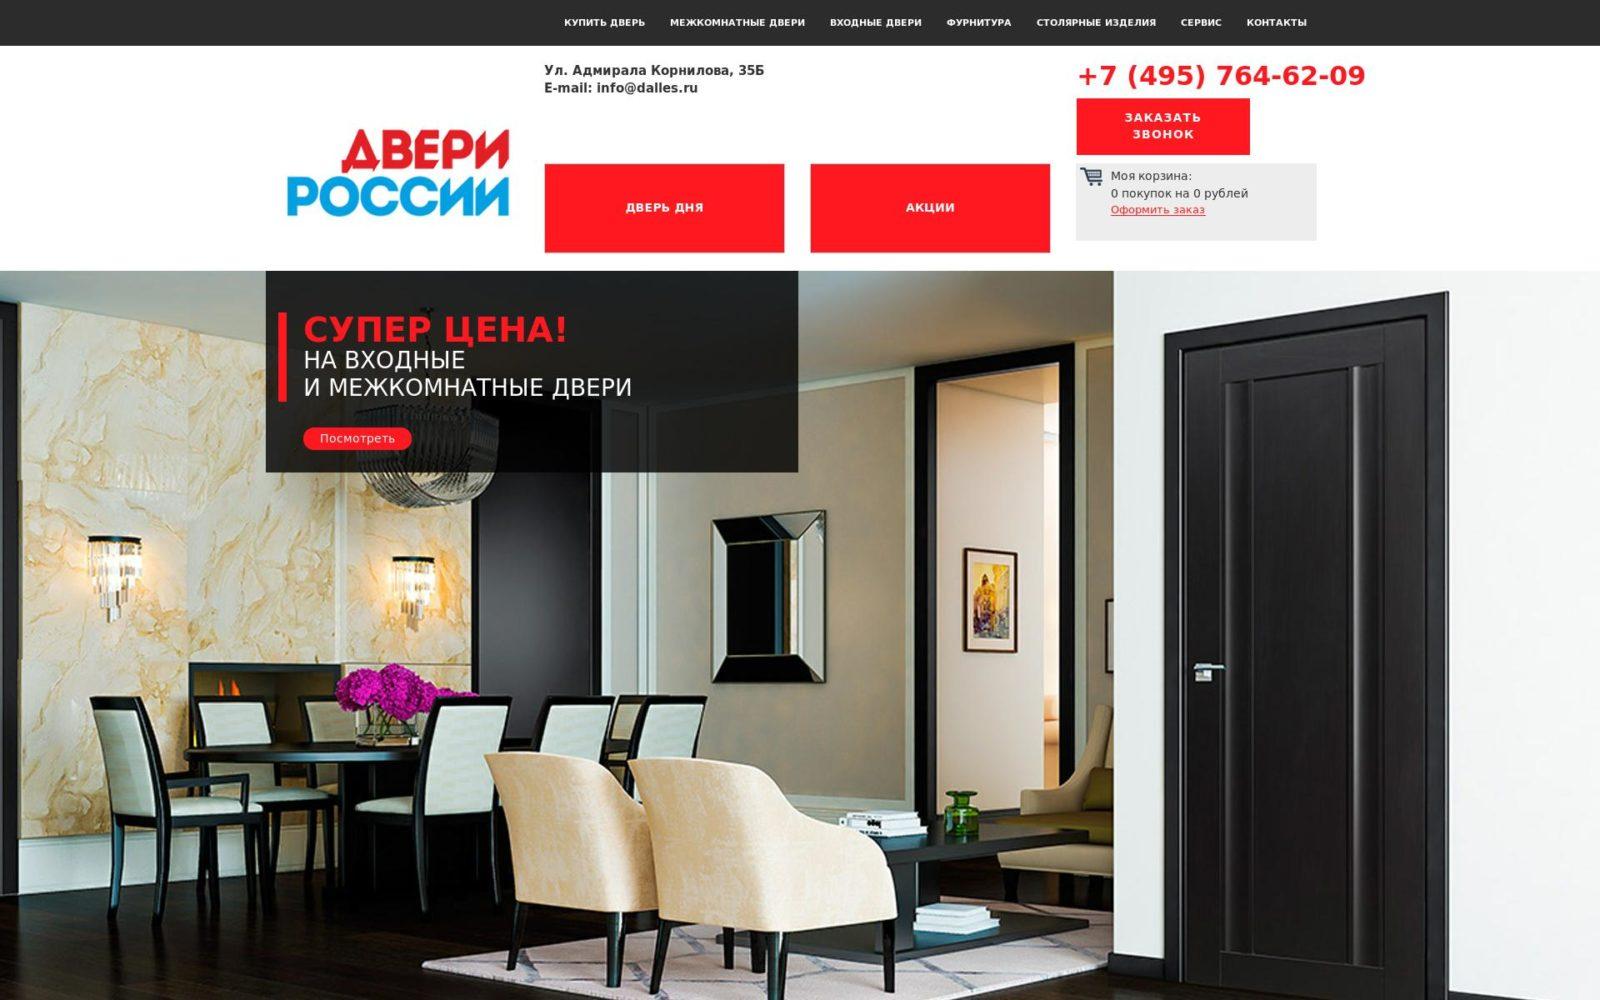 Создание интернет магазина дверей RUSSIADOORS